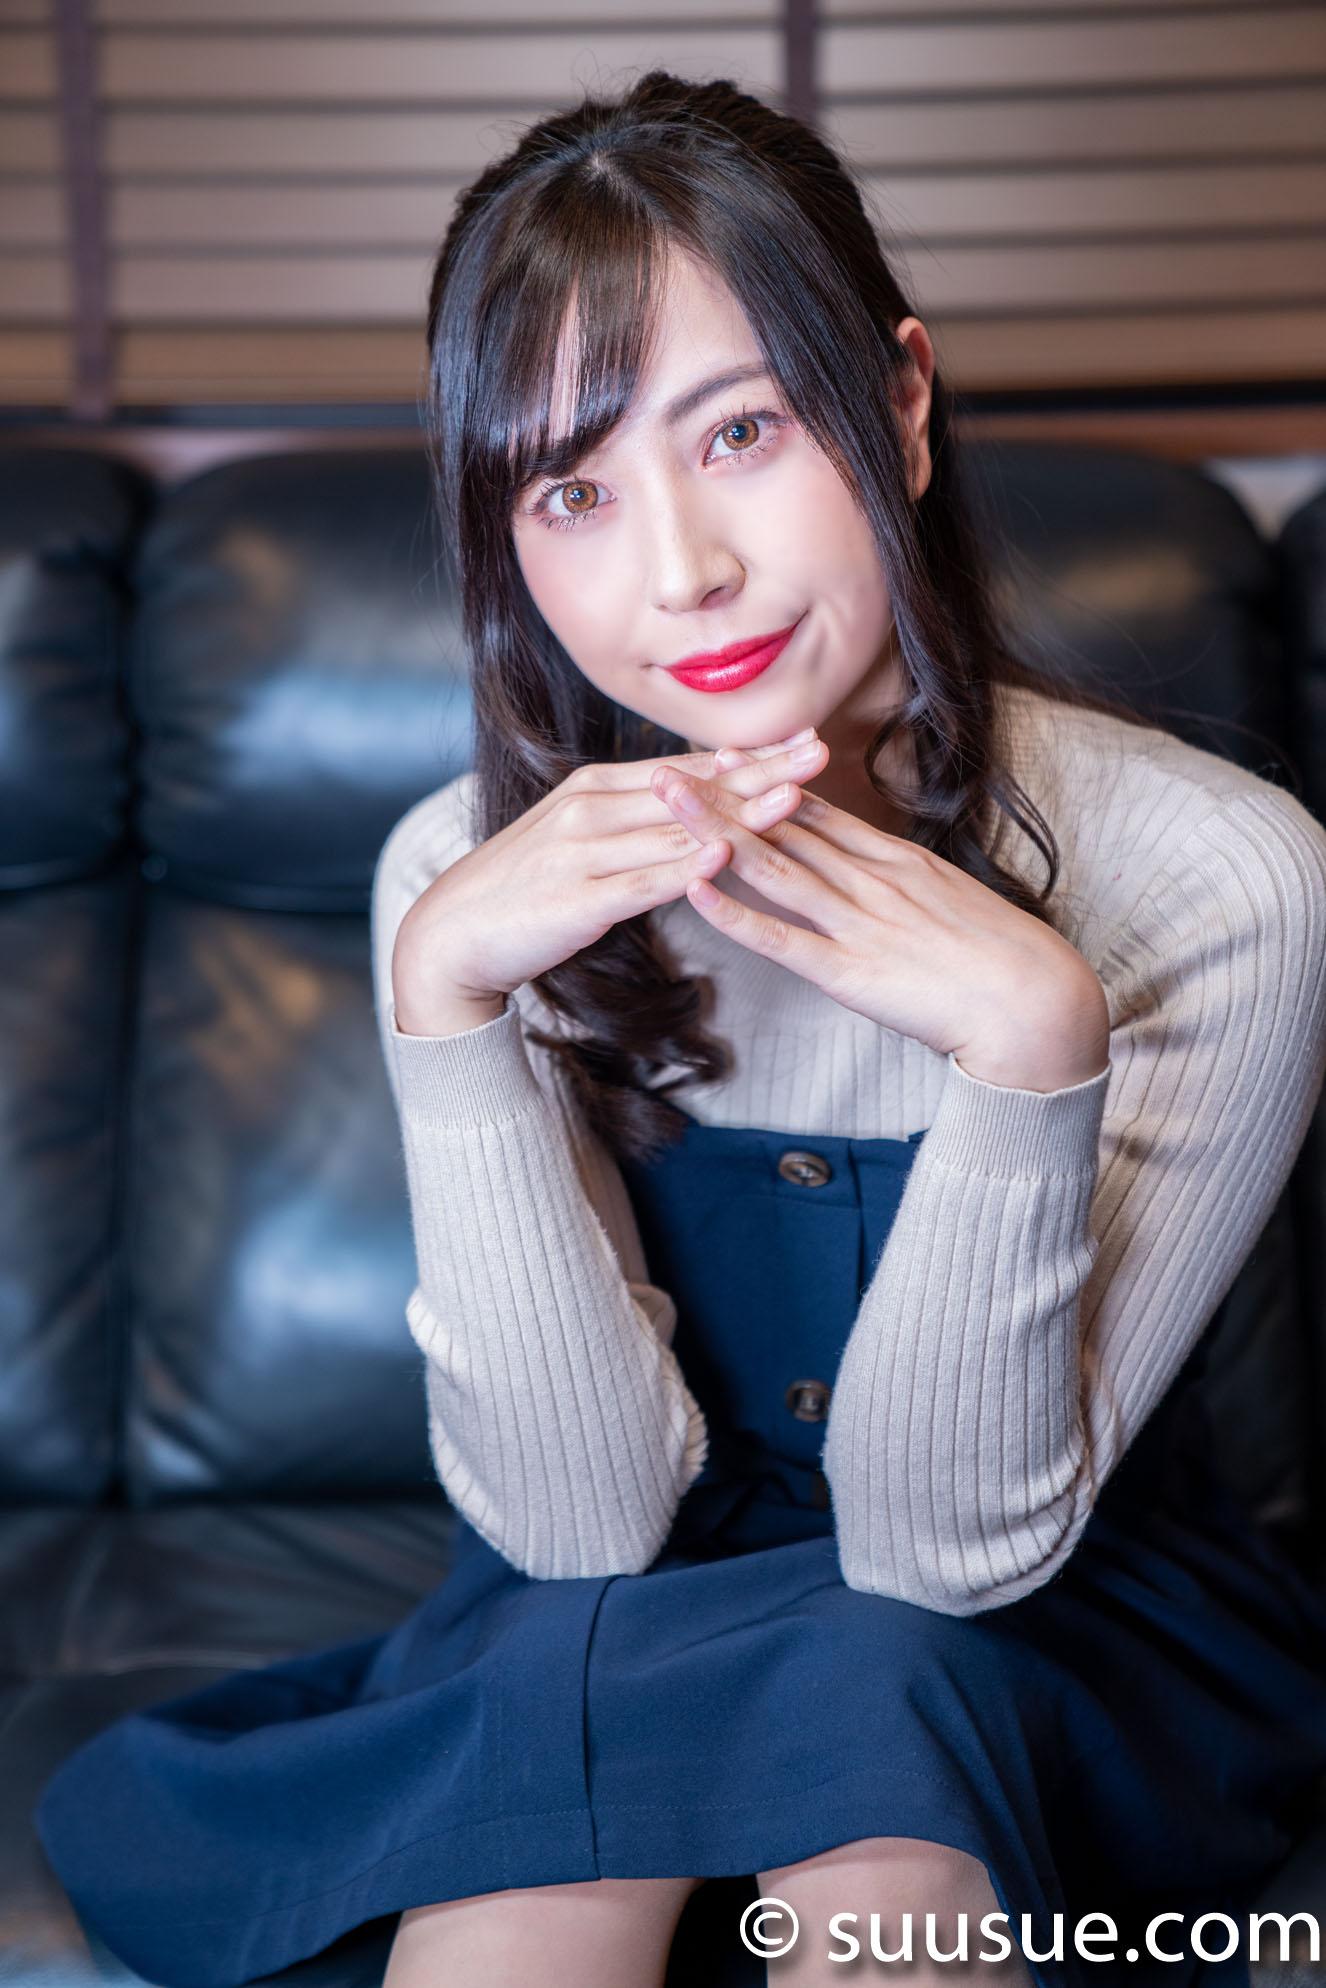 緑川ちひろ スタイルコーポレーション撮影会 2019/02/23